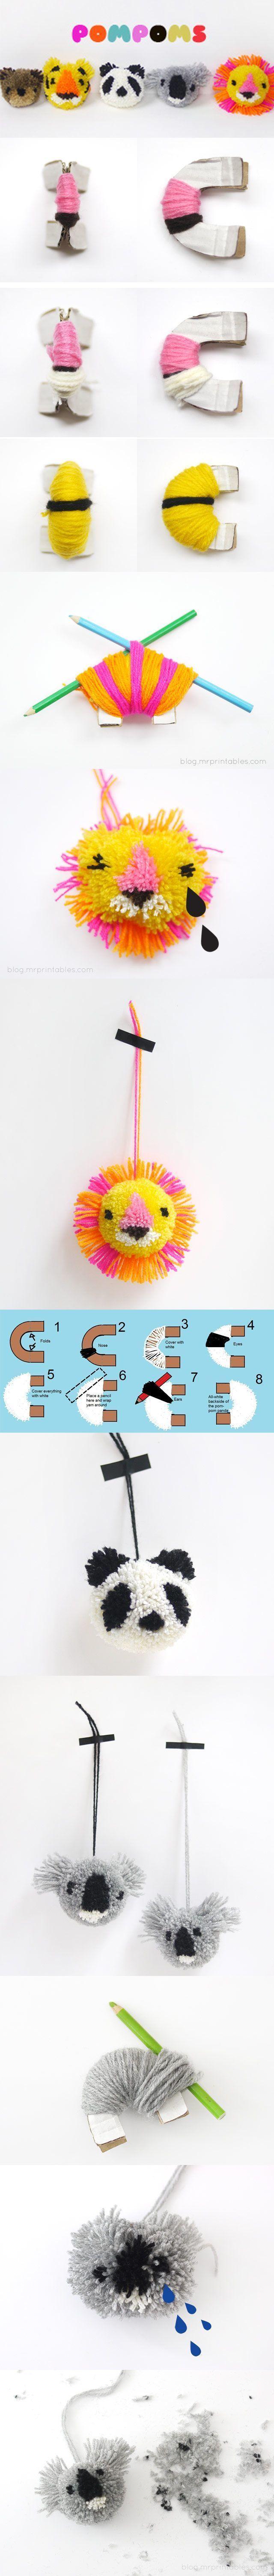 Pom Pom ideas and Inspiration - fashion and animal pom poms